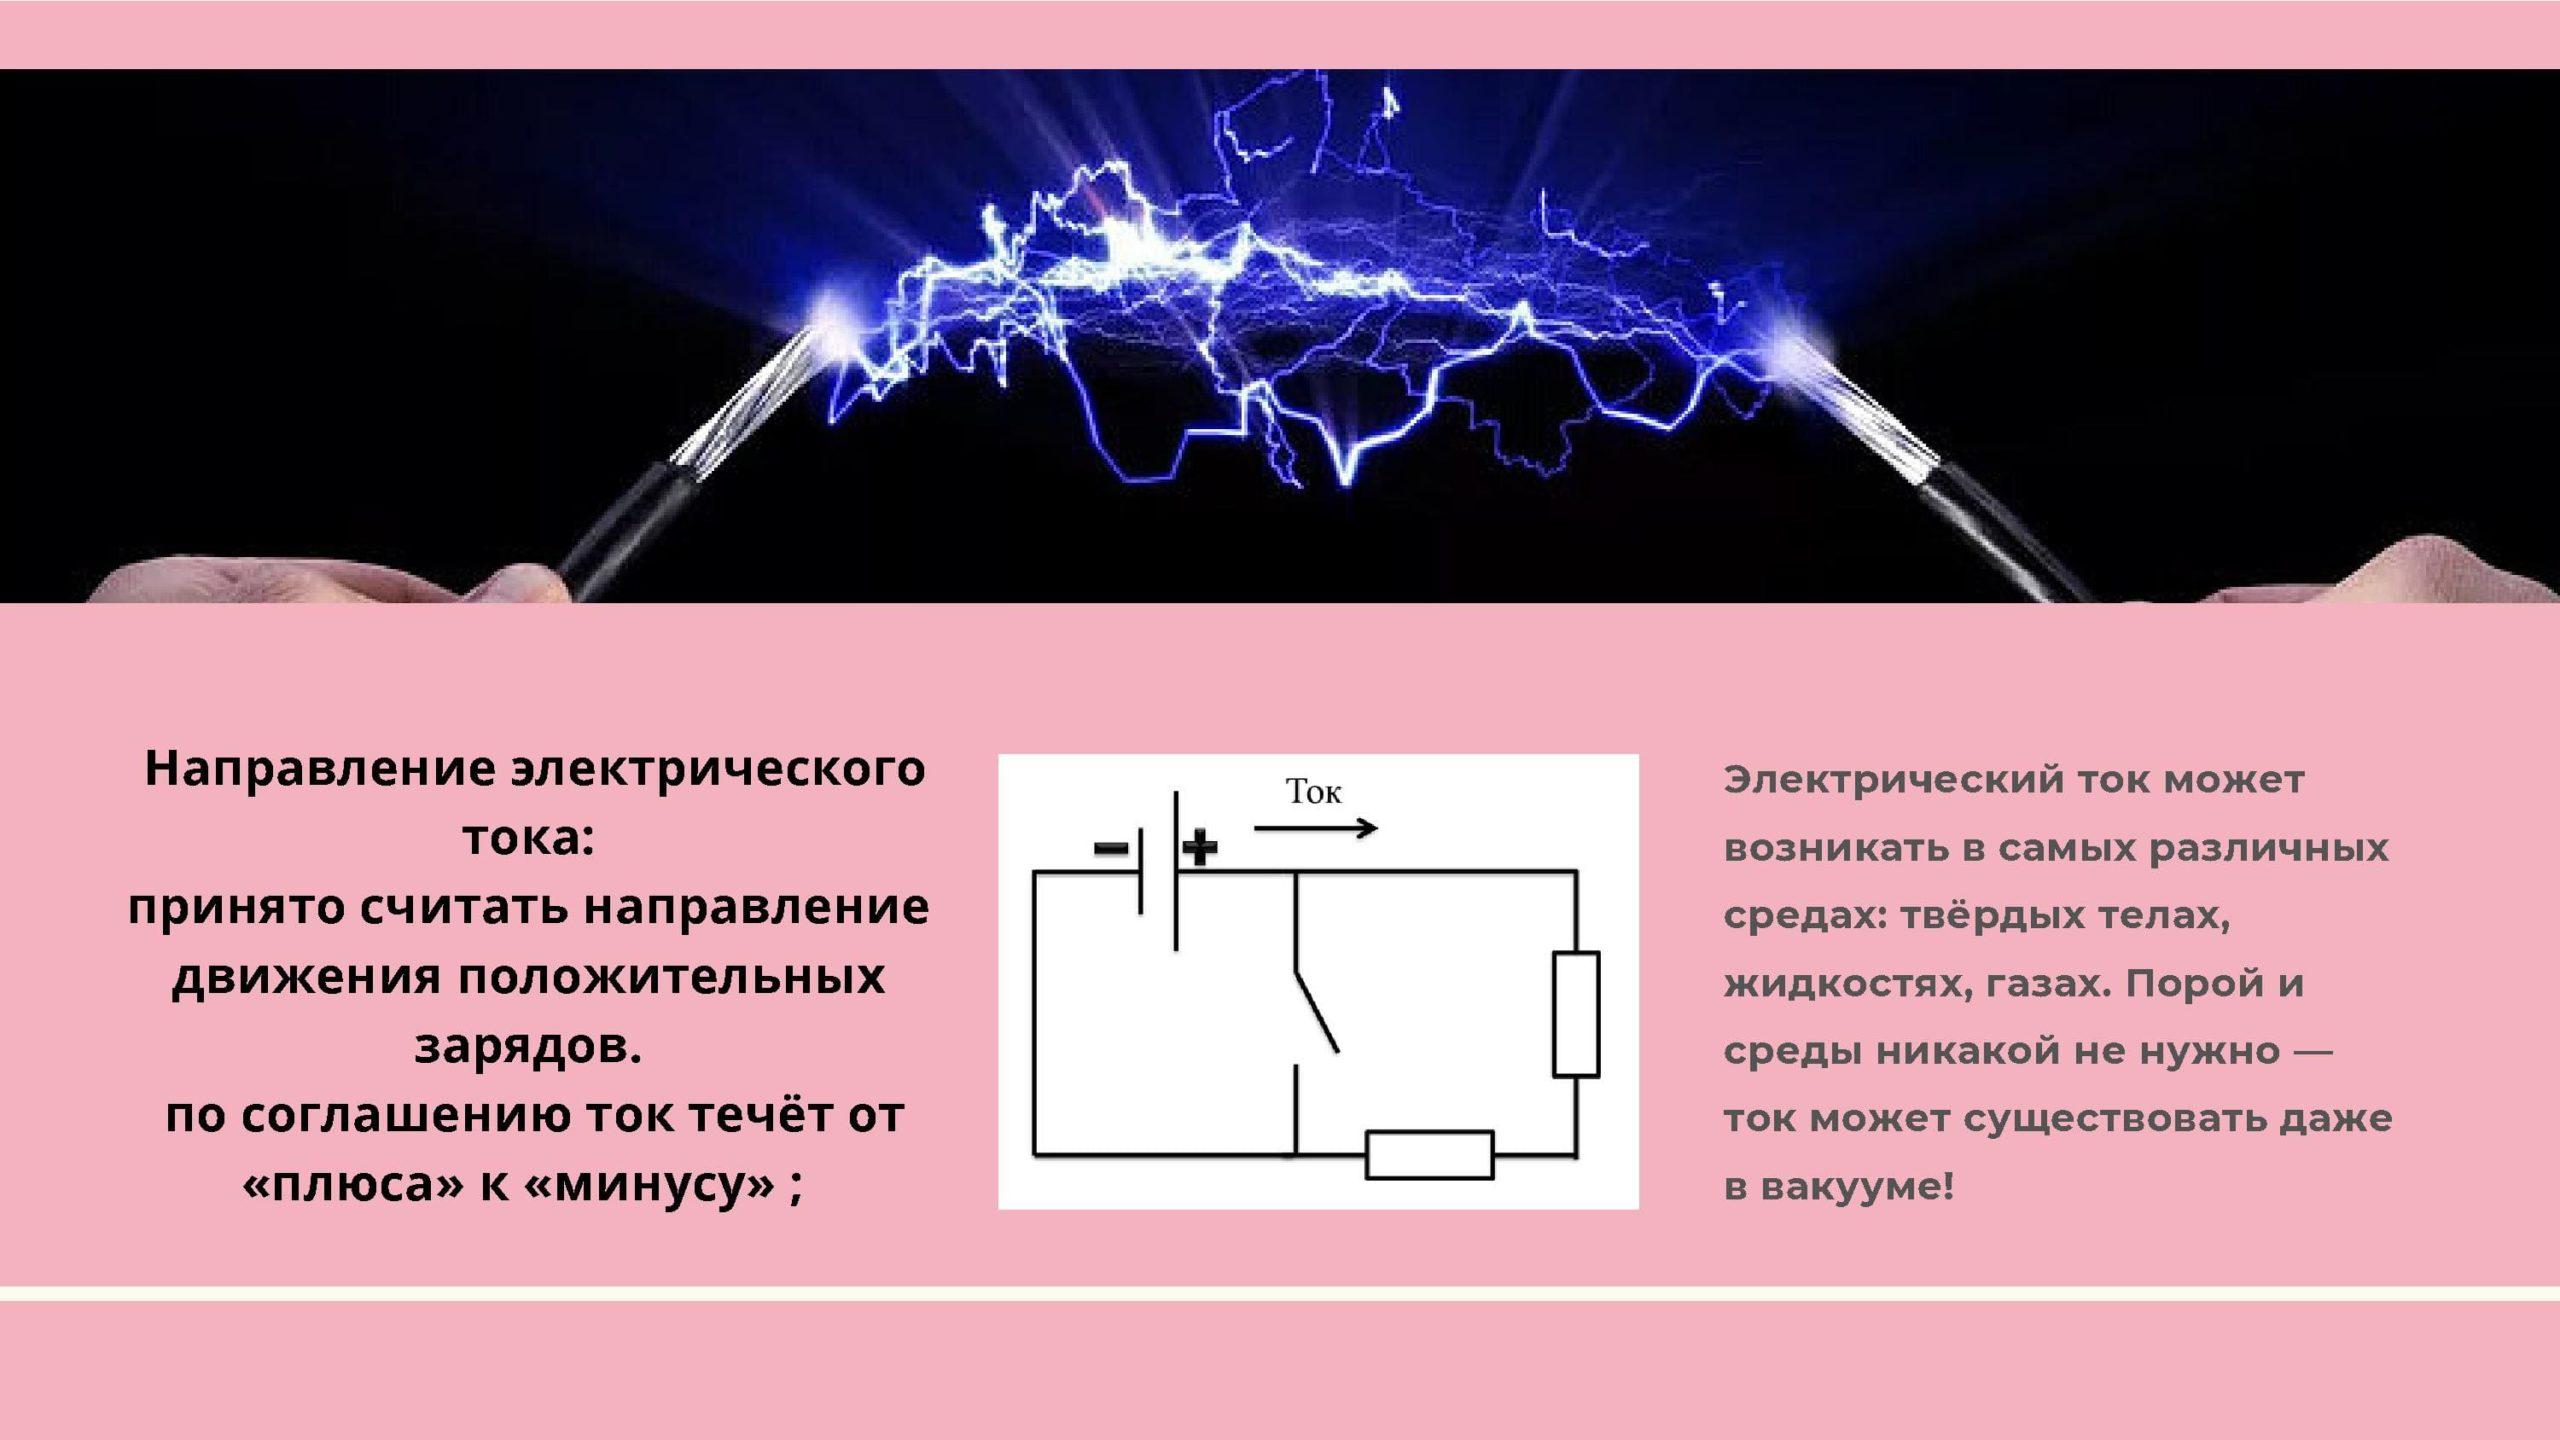 Направление электрического тока: принято считать направление движения